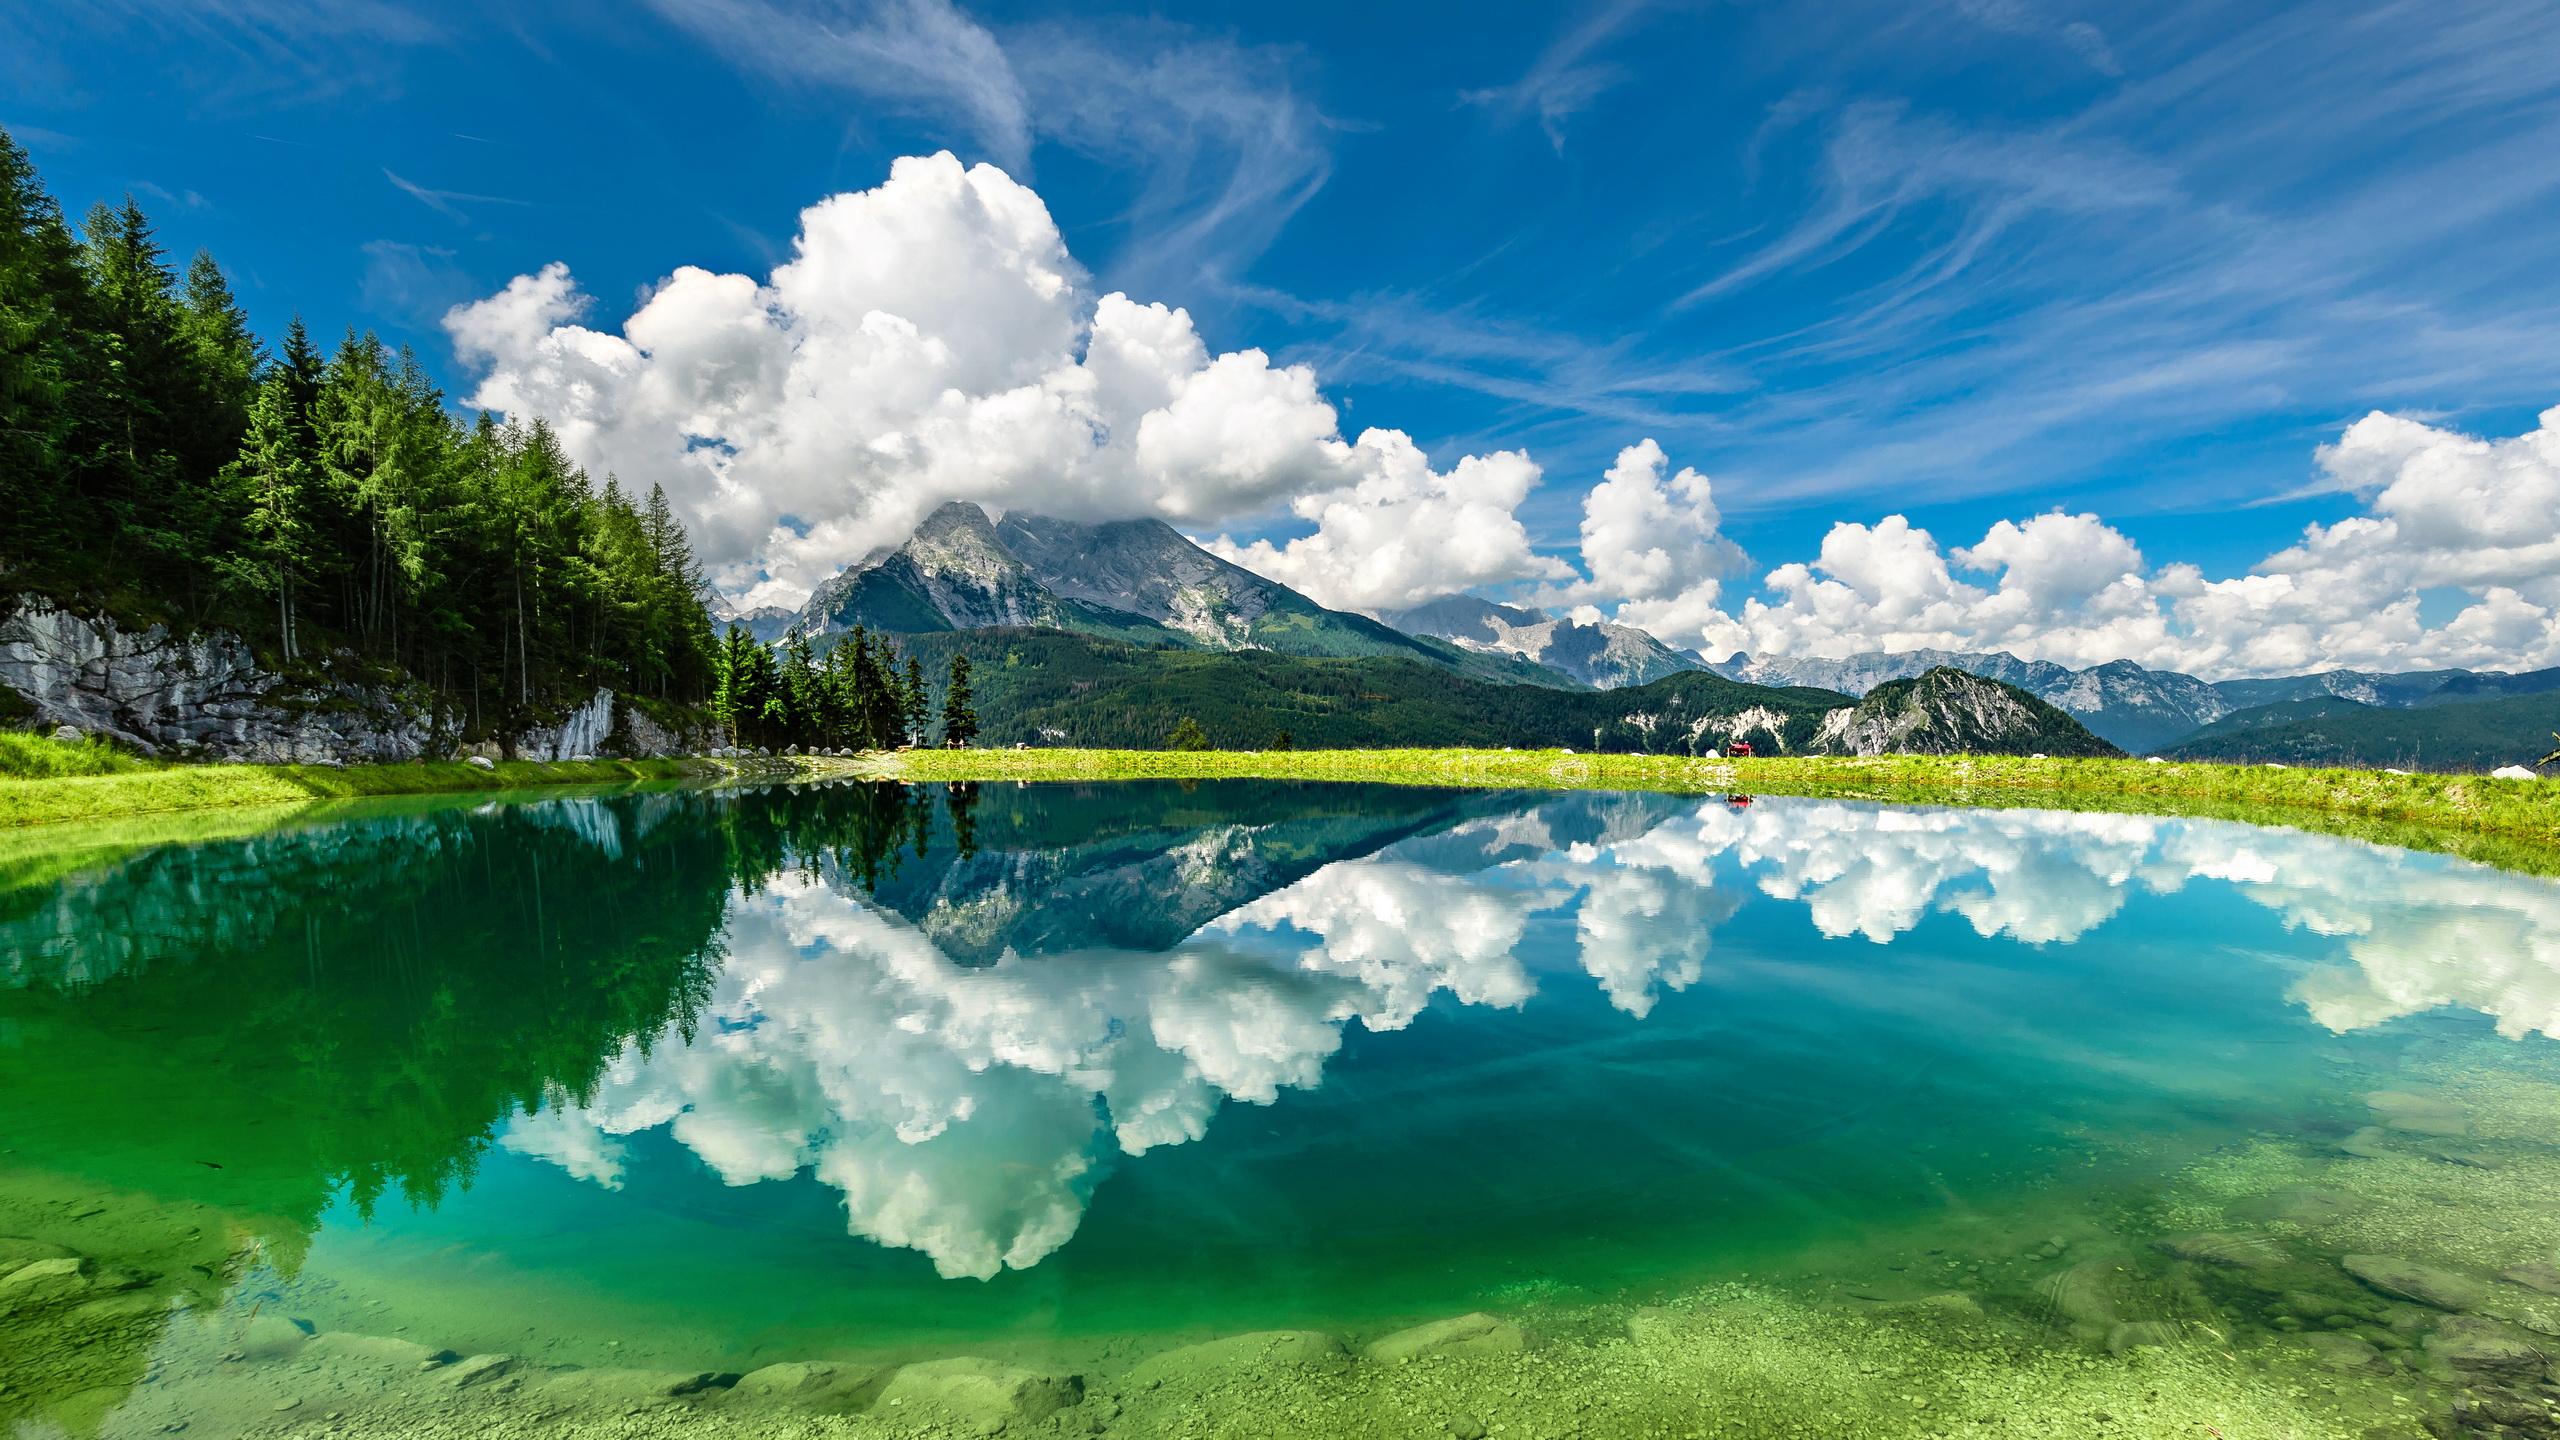 Beautiful Ocean Landscape HD Desktop Wallpaper 2560x1440